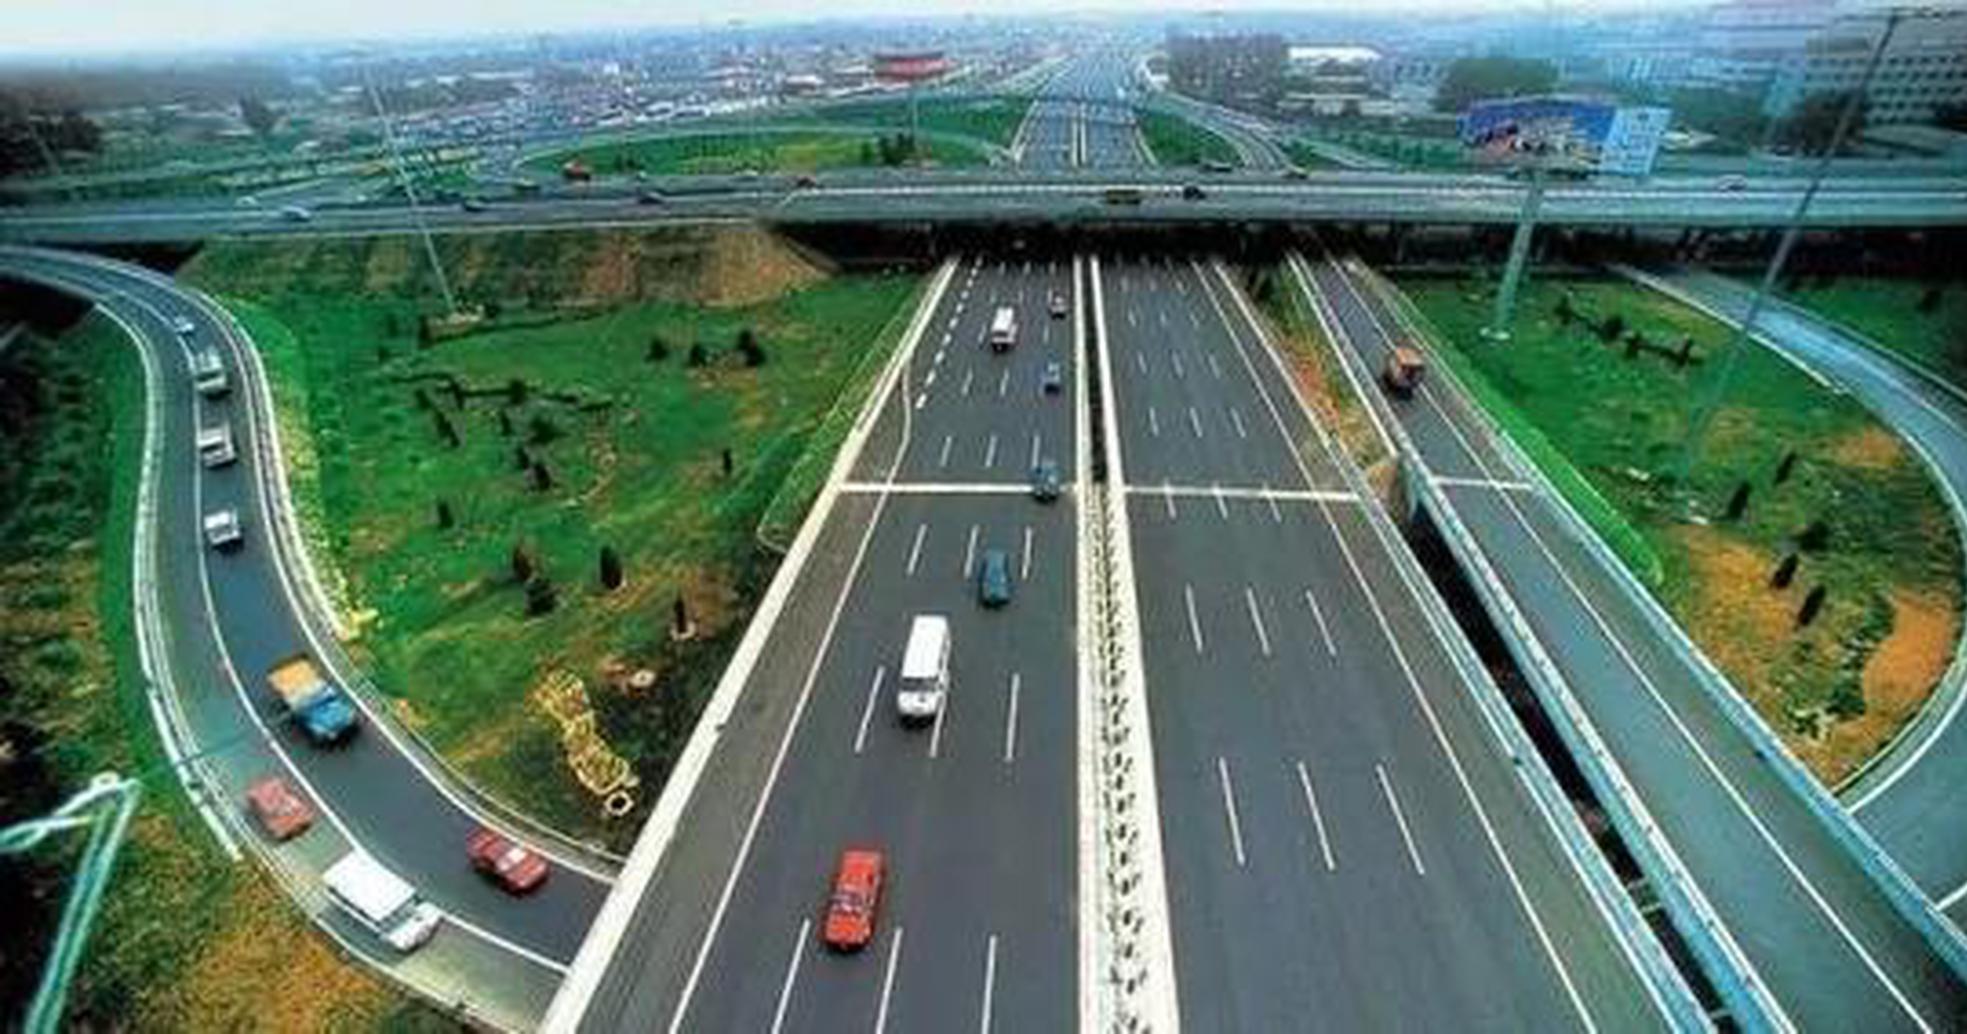 滨莱高速改扩建 青兰高速东阿至聊城力争10月份通车